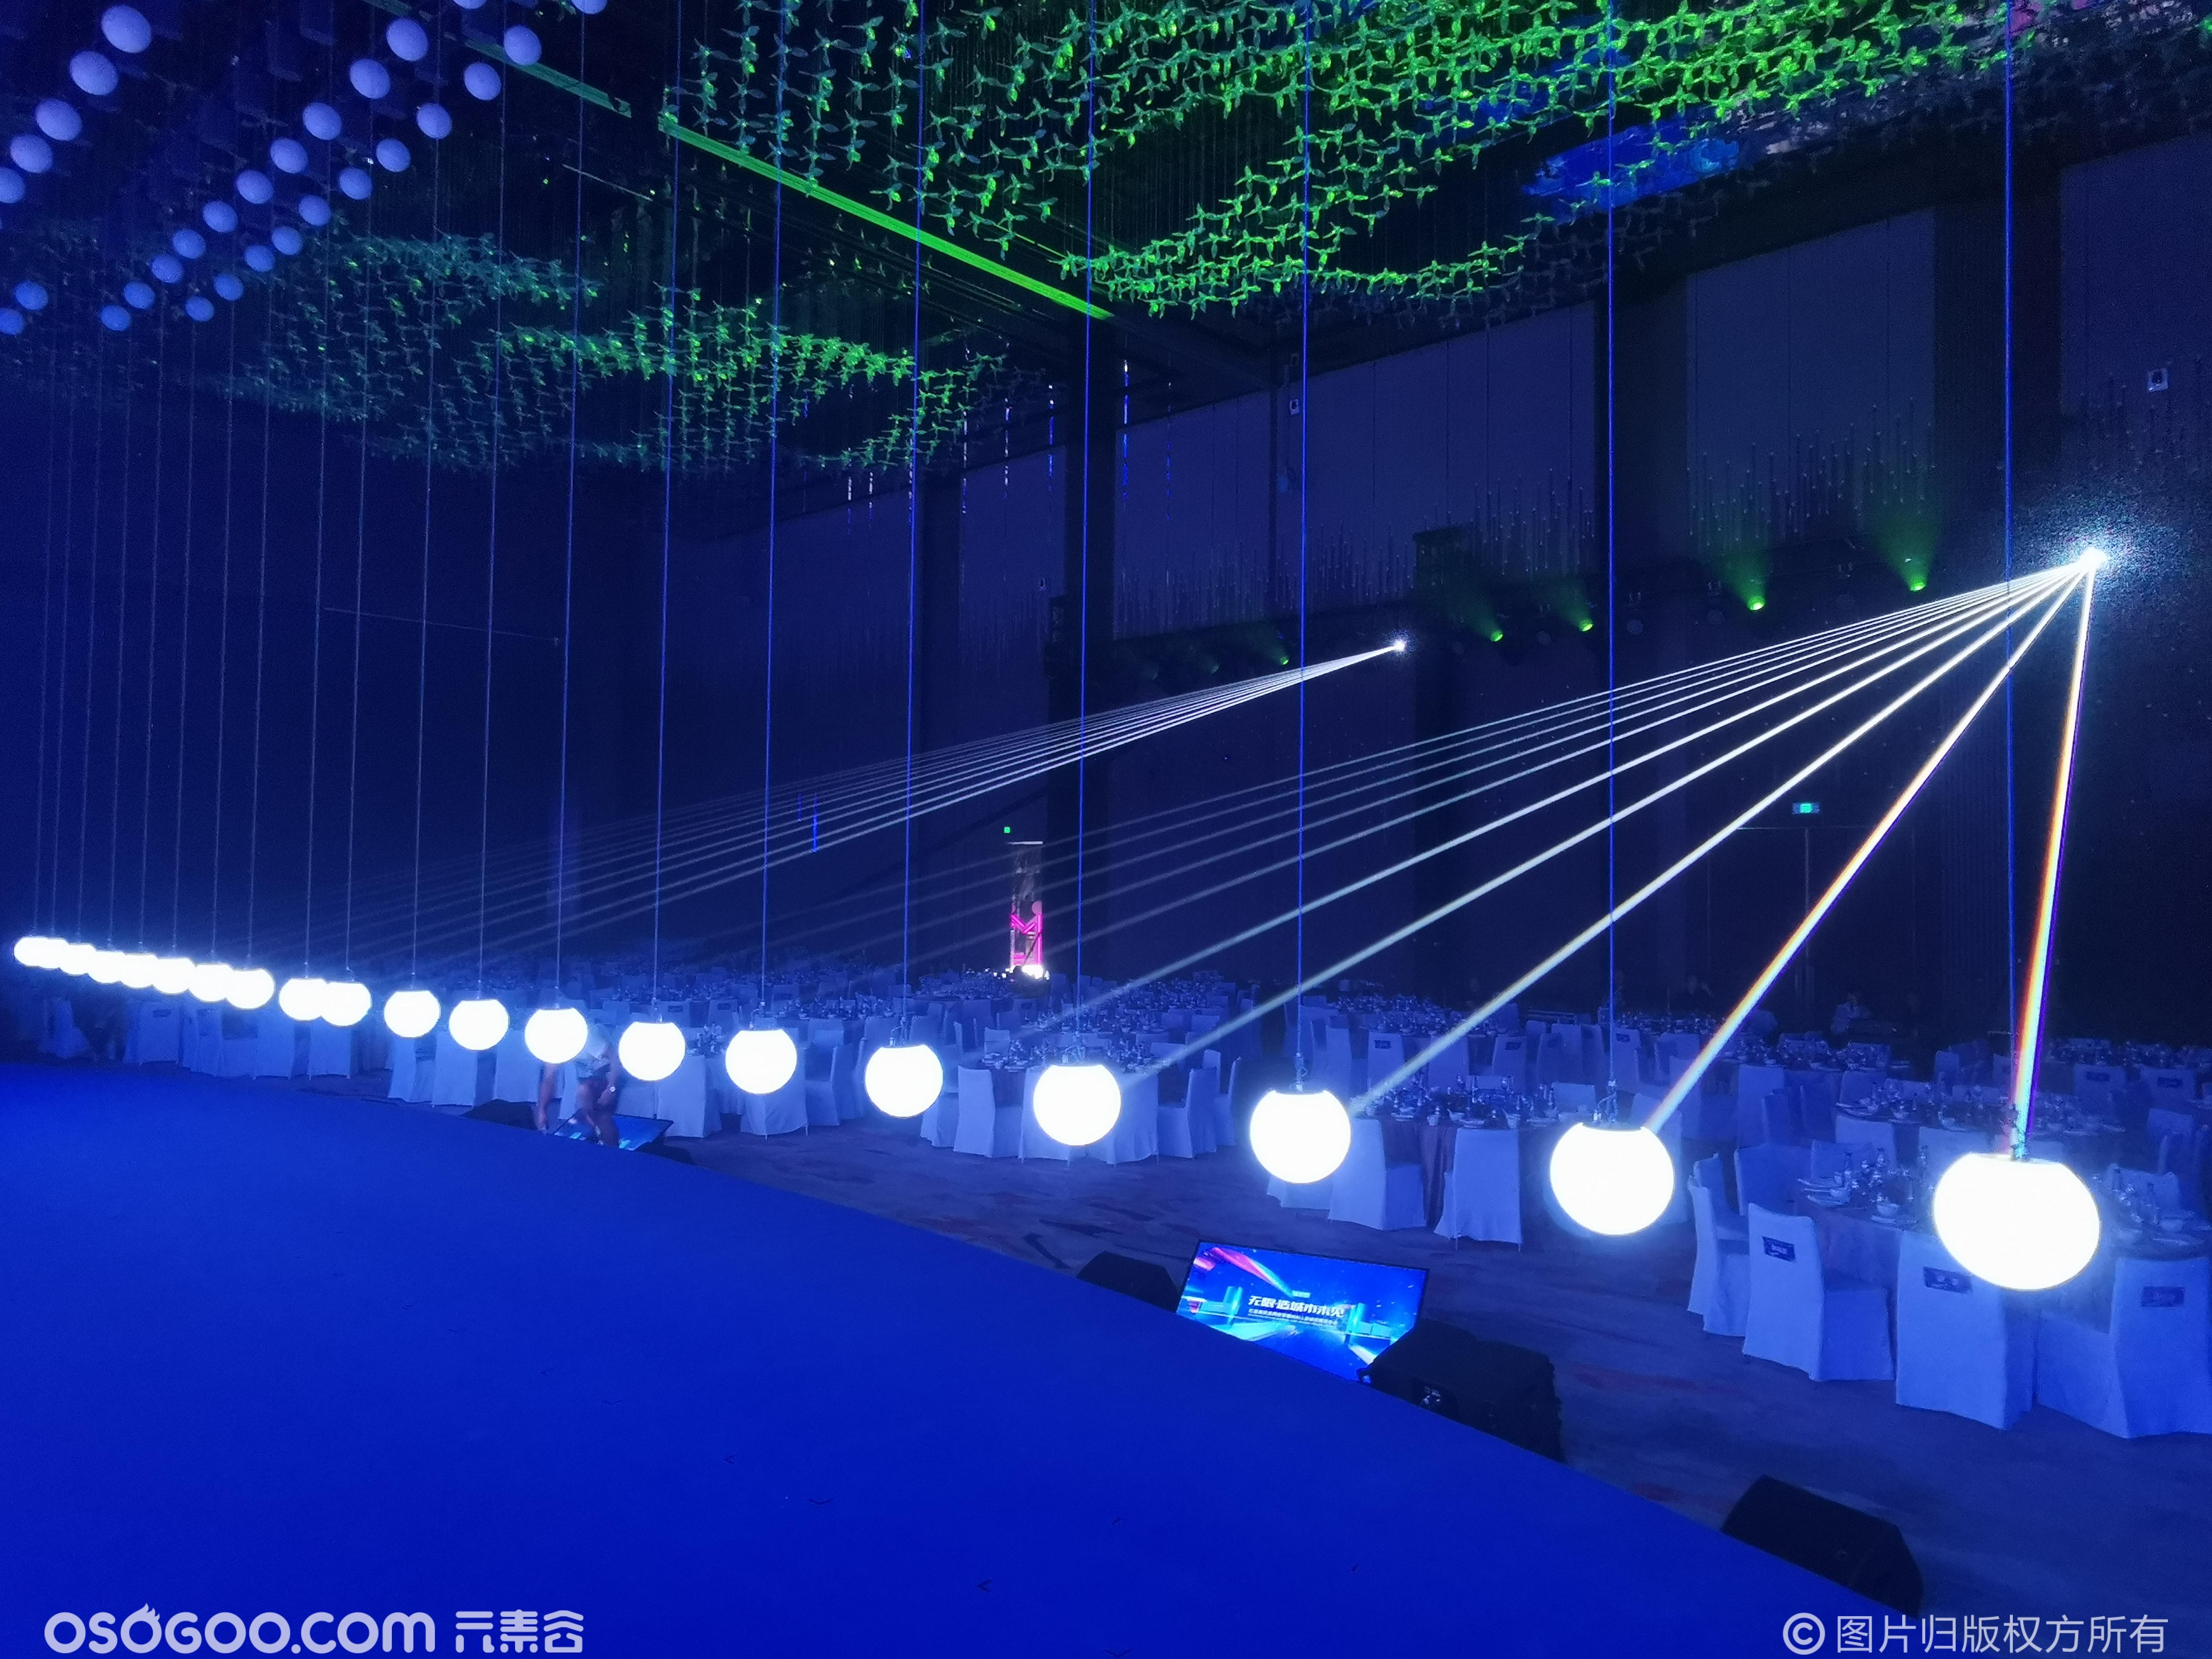 激光雕刻|启动仪式|央企品牌高端创意发布会开场等高端创意表演